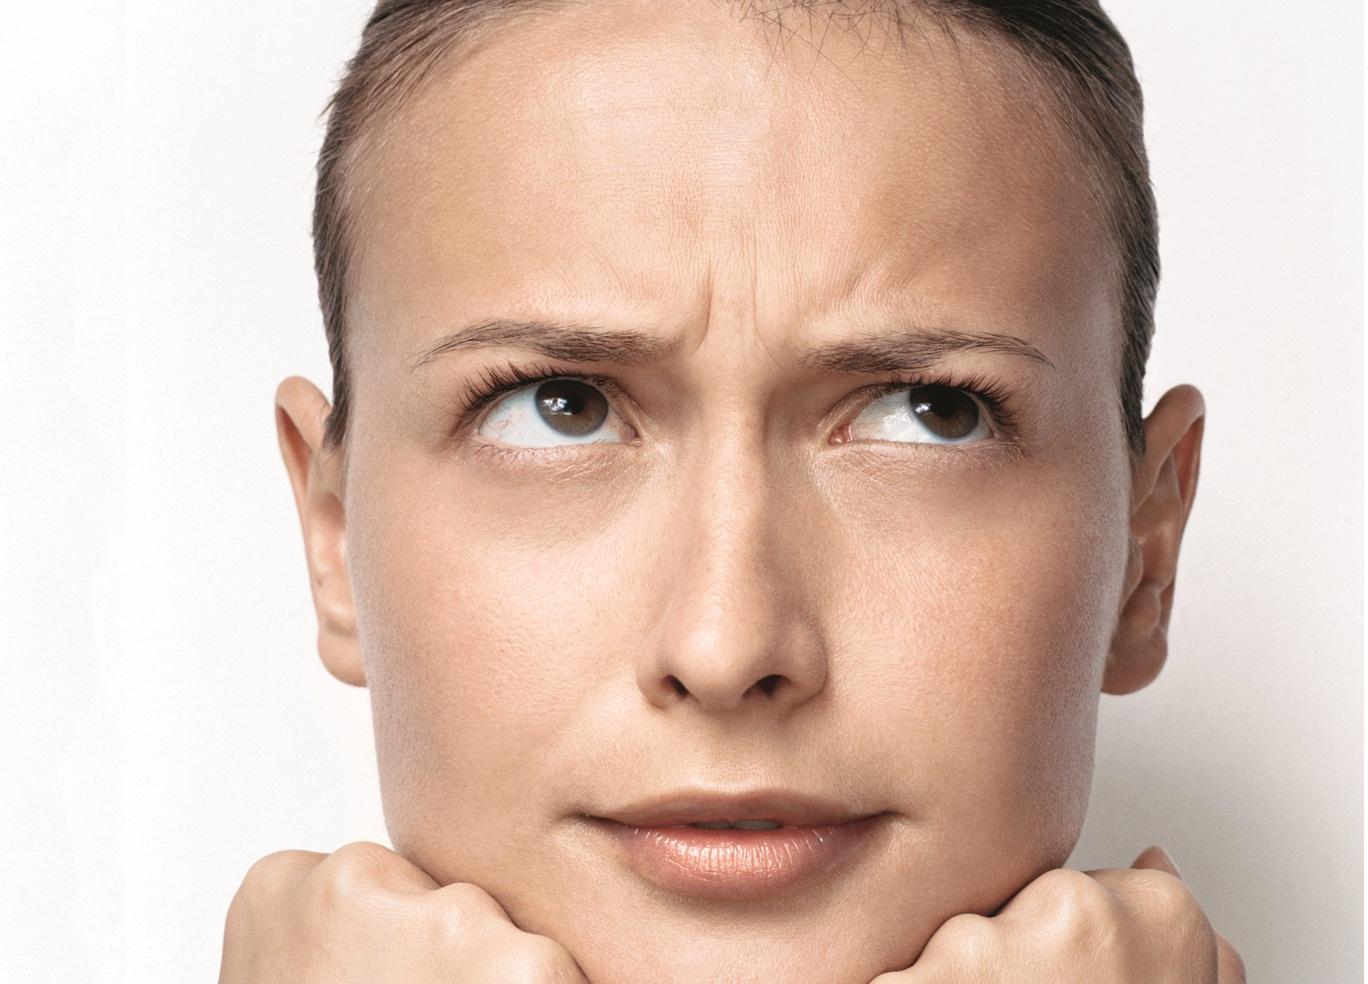 Как избавиться от морщин: 5 способов для домашних условий